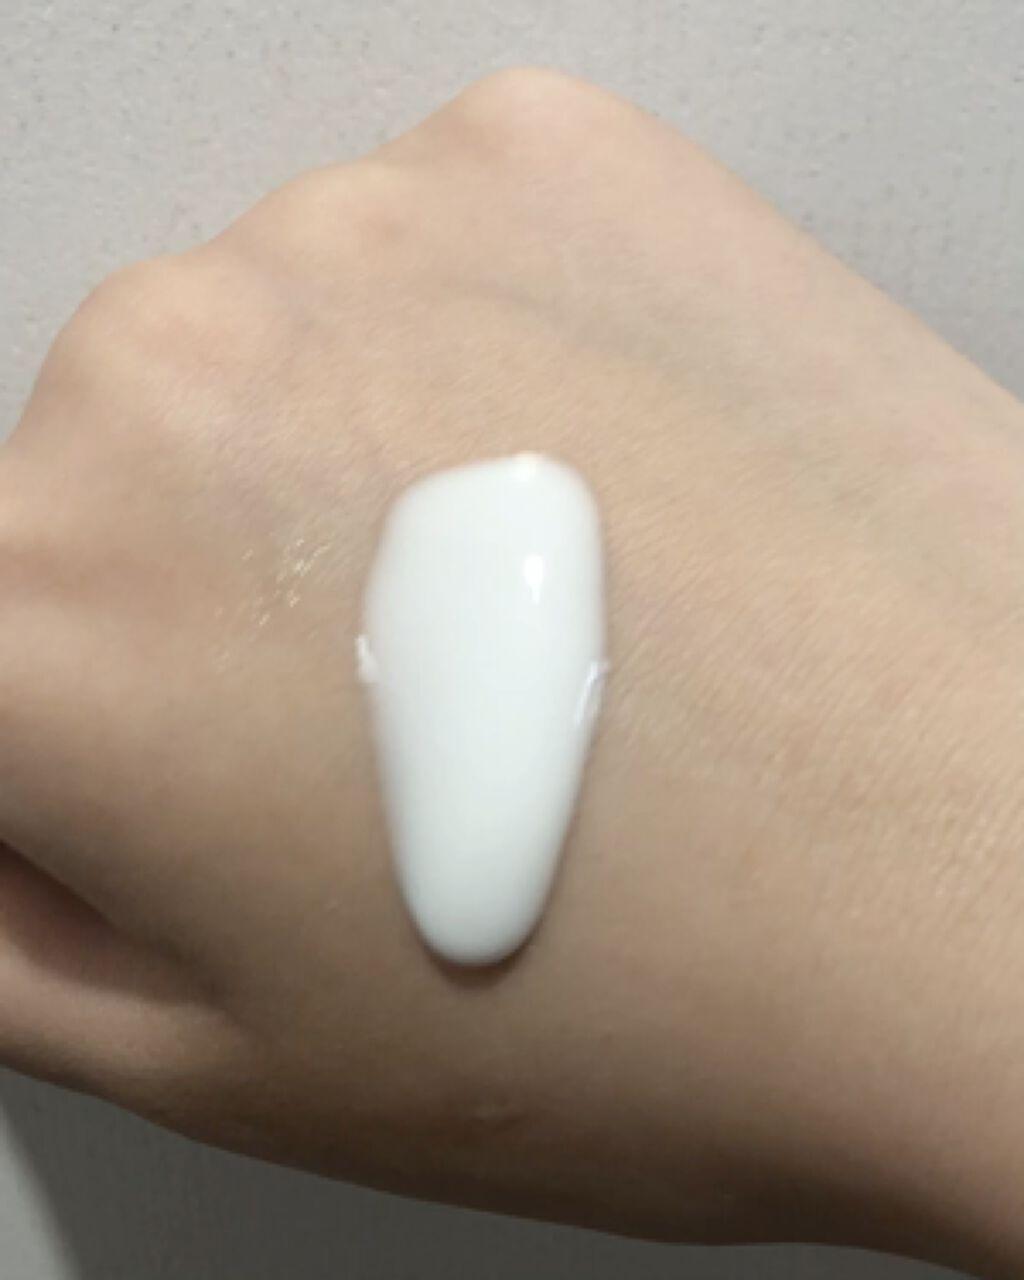 ジュイール ホワイトニング ボディミルク/ジュイール/ボディミルクを使ったクチコミ(2枚目)